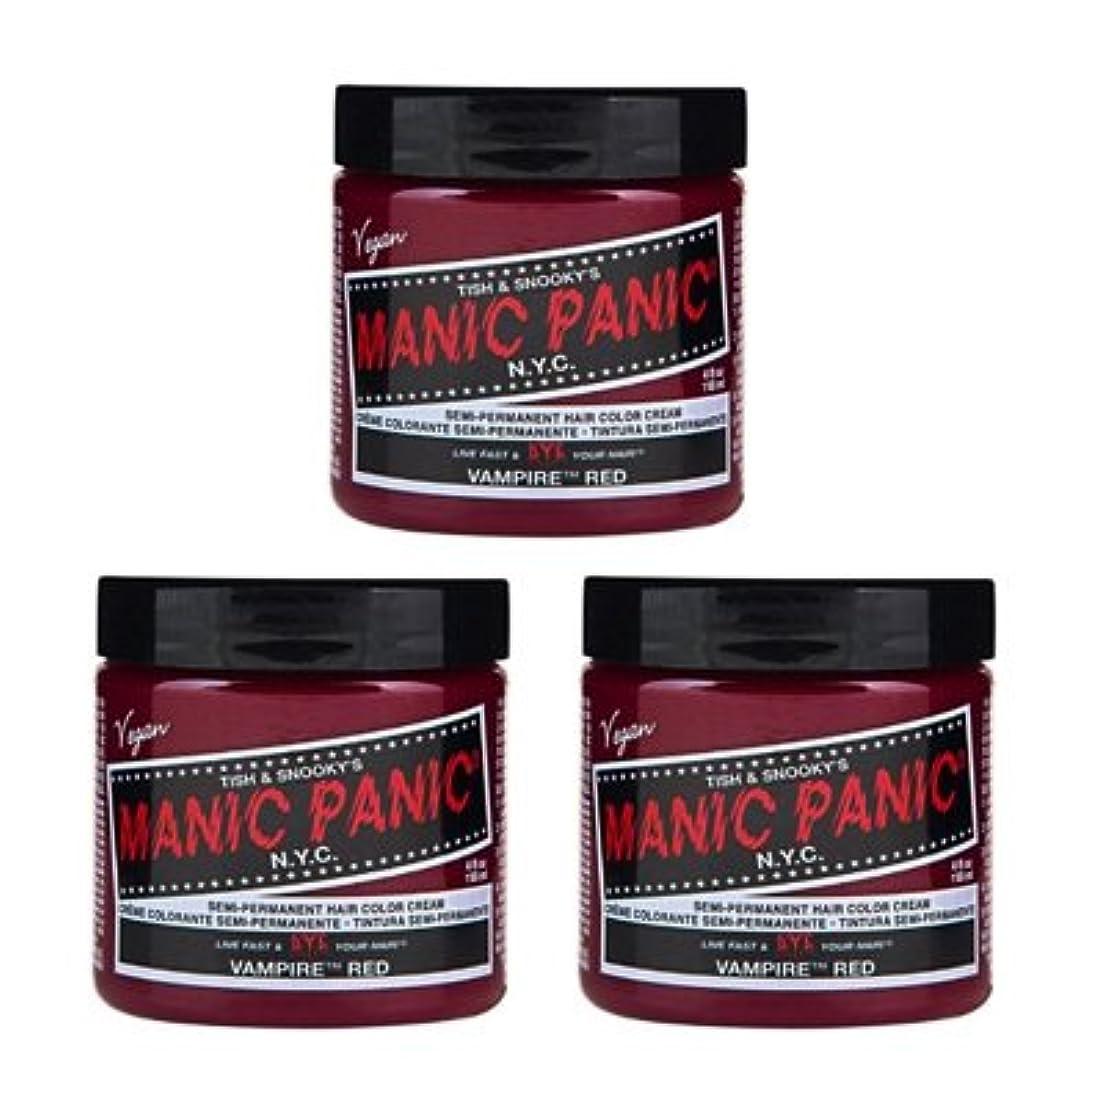 道路を作るプロセス対称才能【3個セット】MANIC PANIC マニックパニック Vampire Red (ヴァンパイア?レッド) 118ml